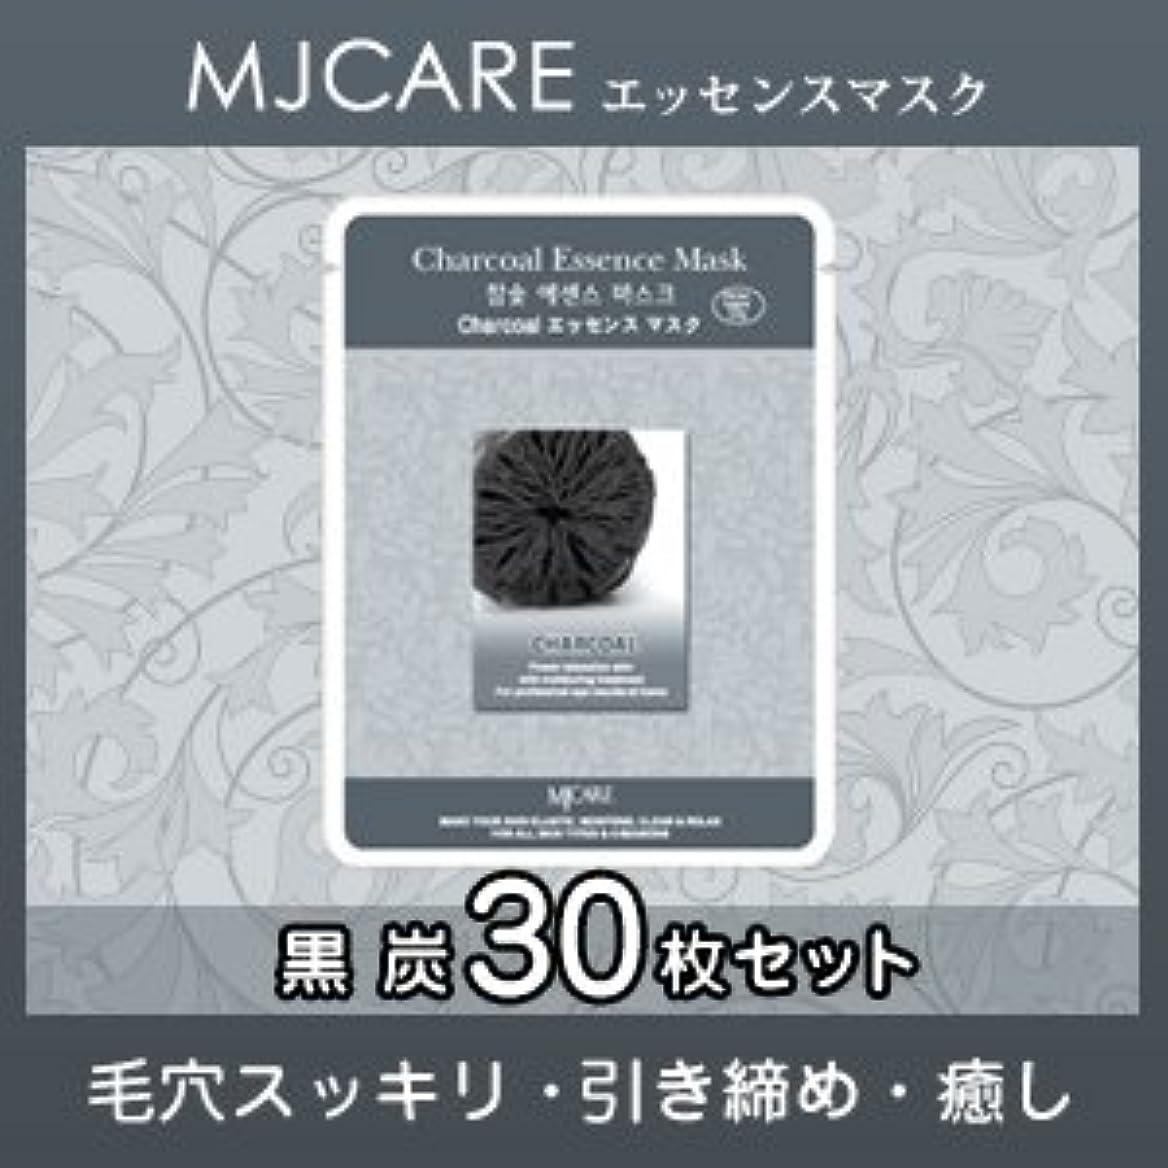 旅行代理店後ろ、背後、背面(部幸福MJCARE (エムジェイケア) 黒炭 エッセンスマスク 30セット